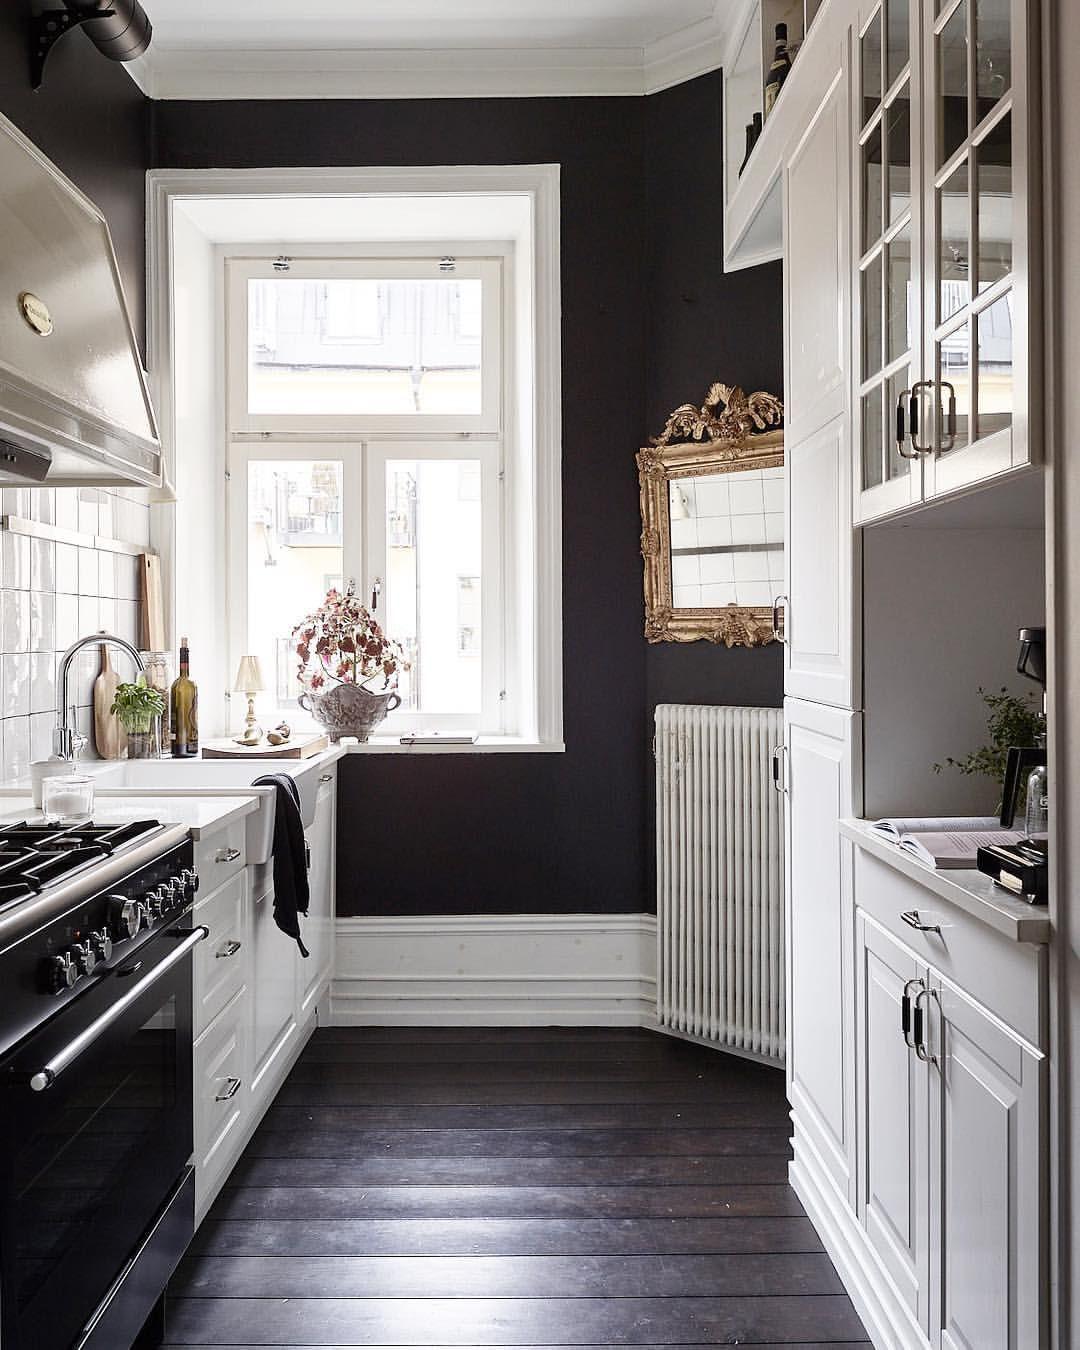 Pin de Brittney Barran en Apartment Decor | Pinterest | Cocinas ...